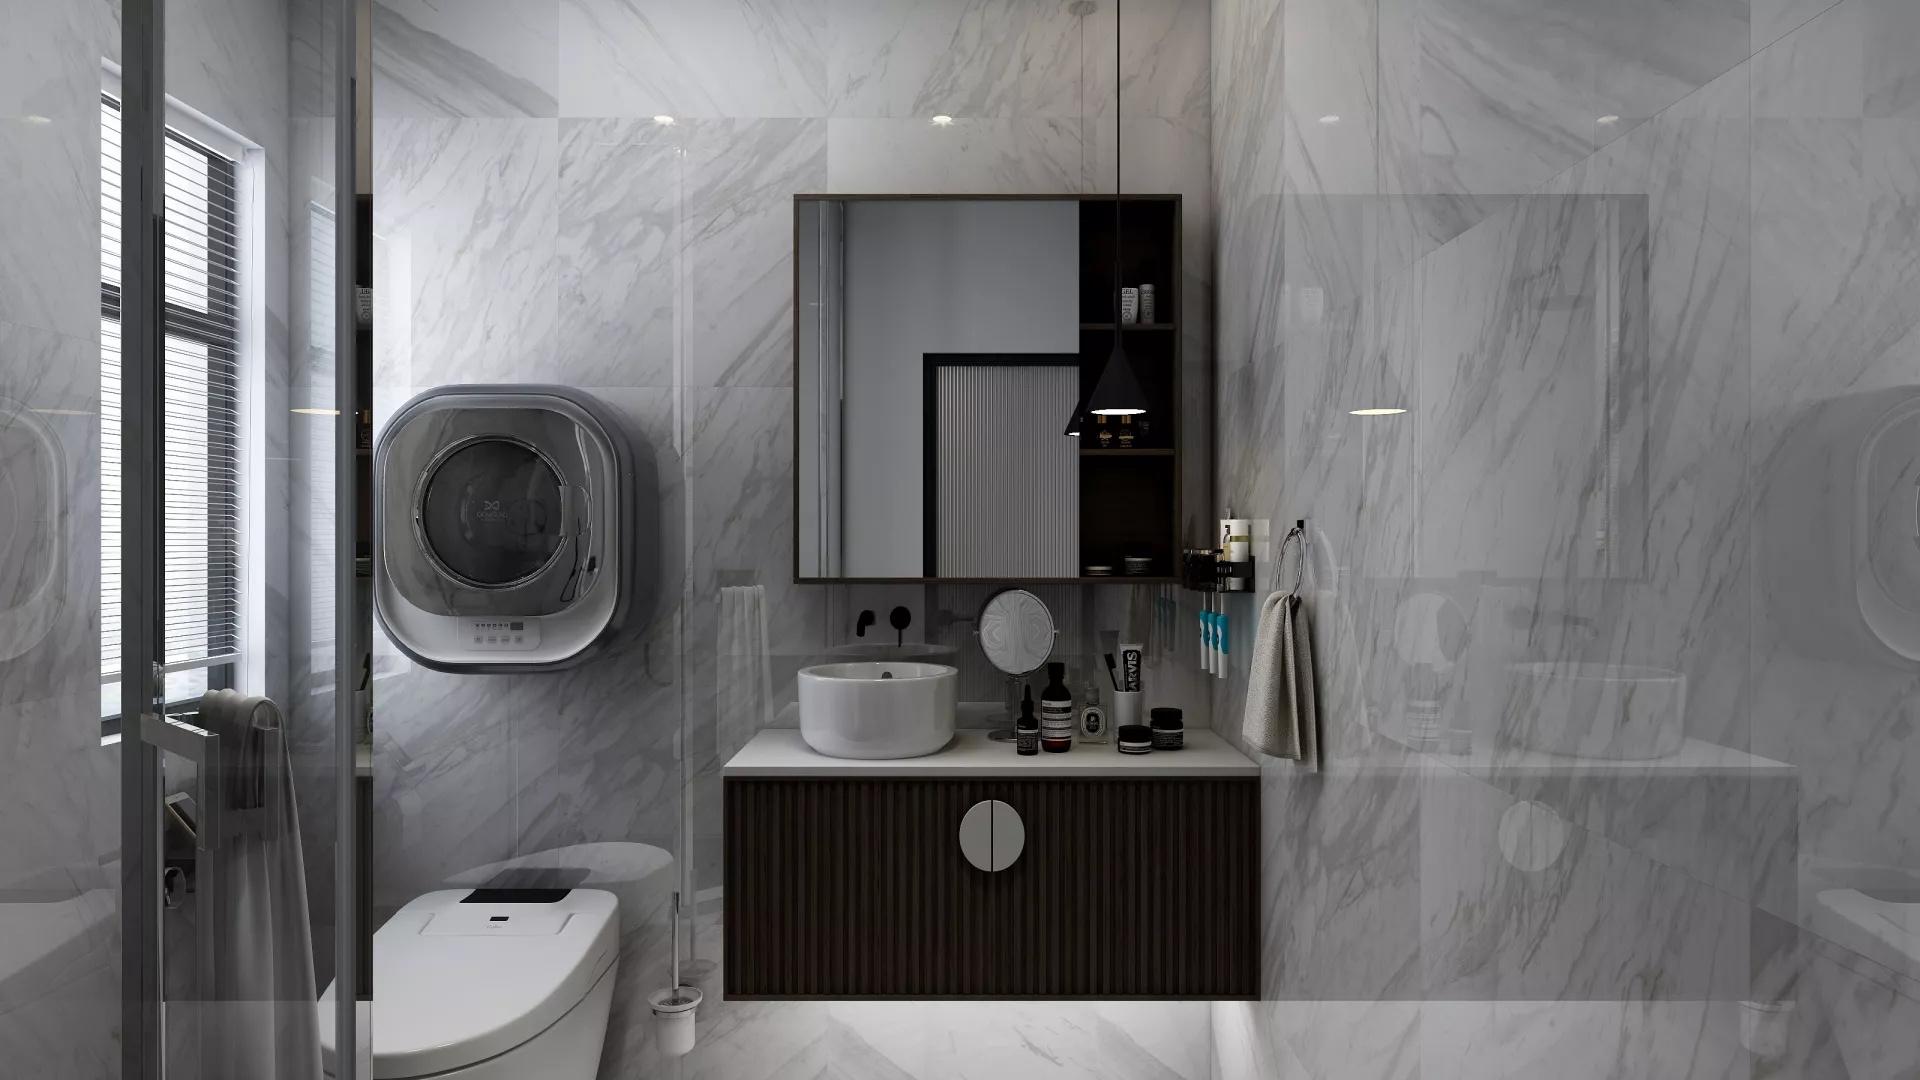 厨房浴室吊顶高度 厨房浴室吊顶安装注意事项